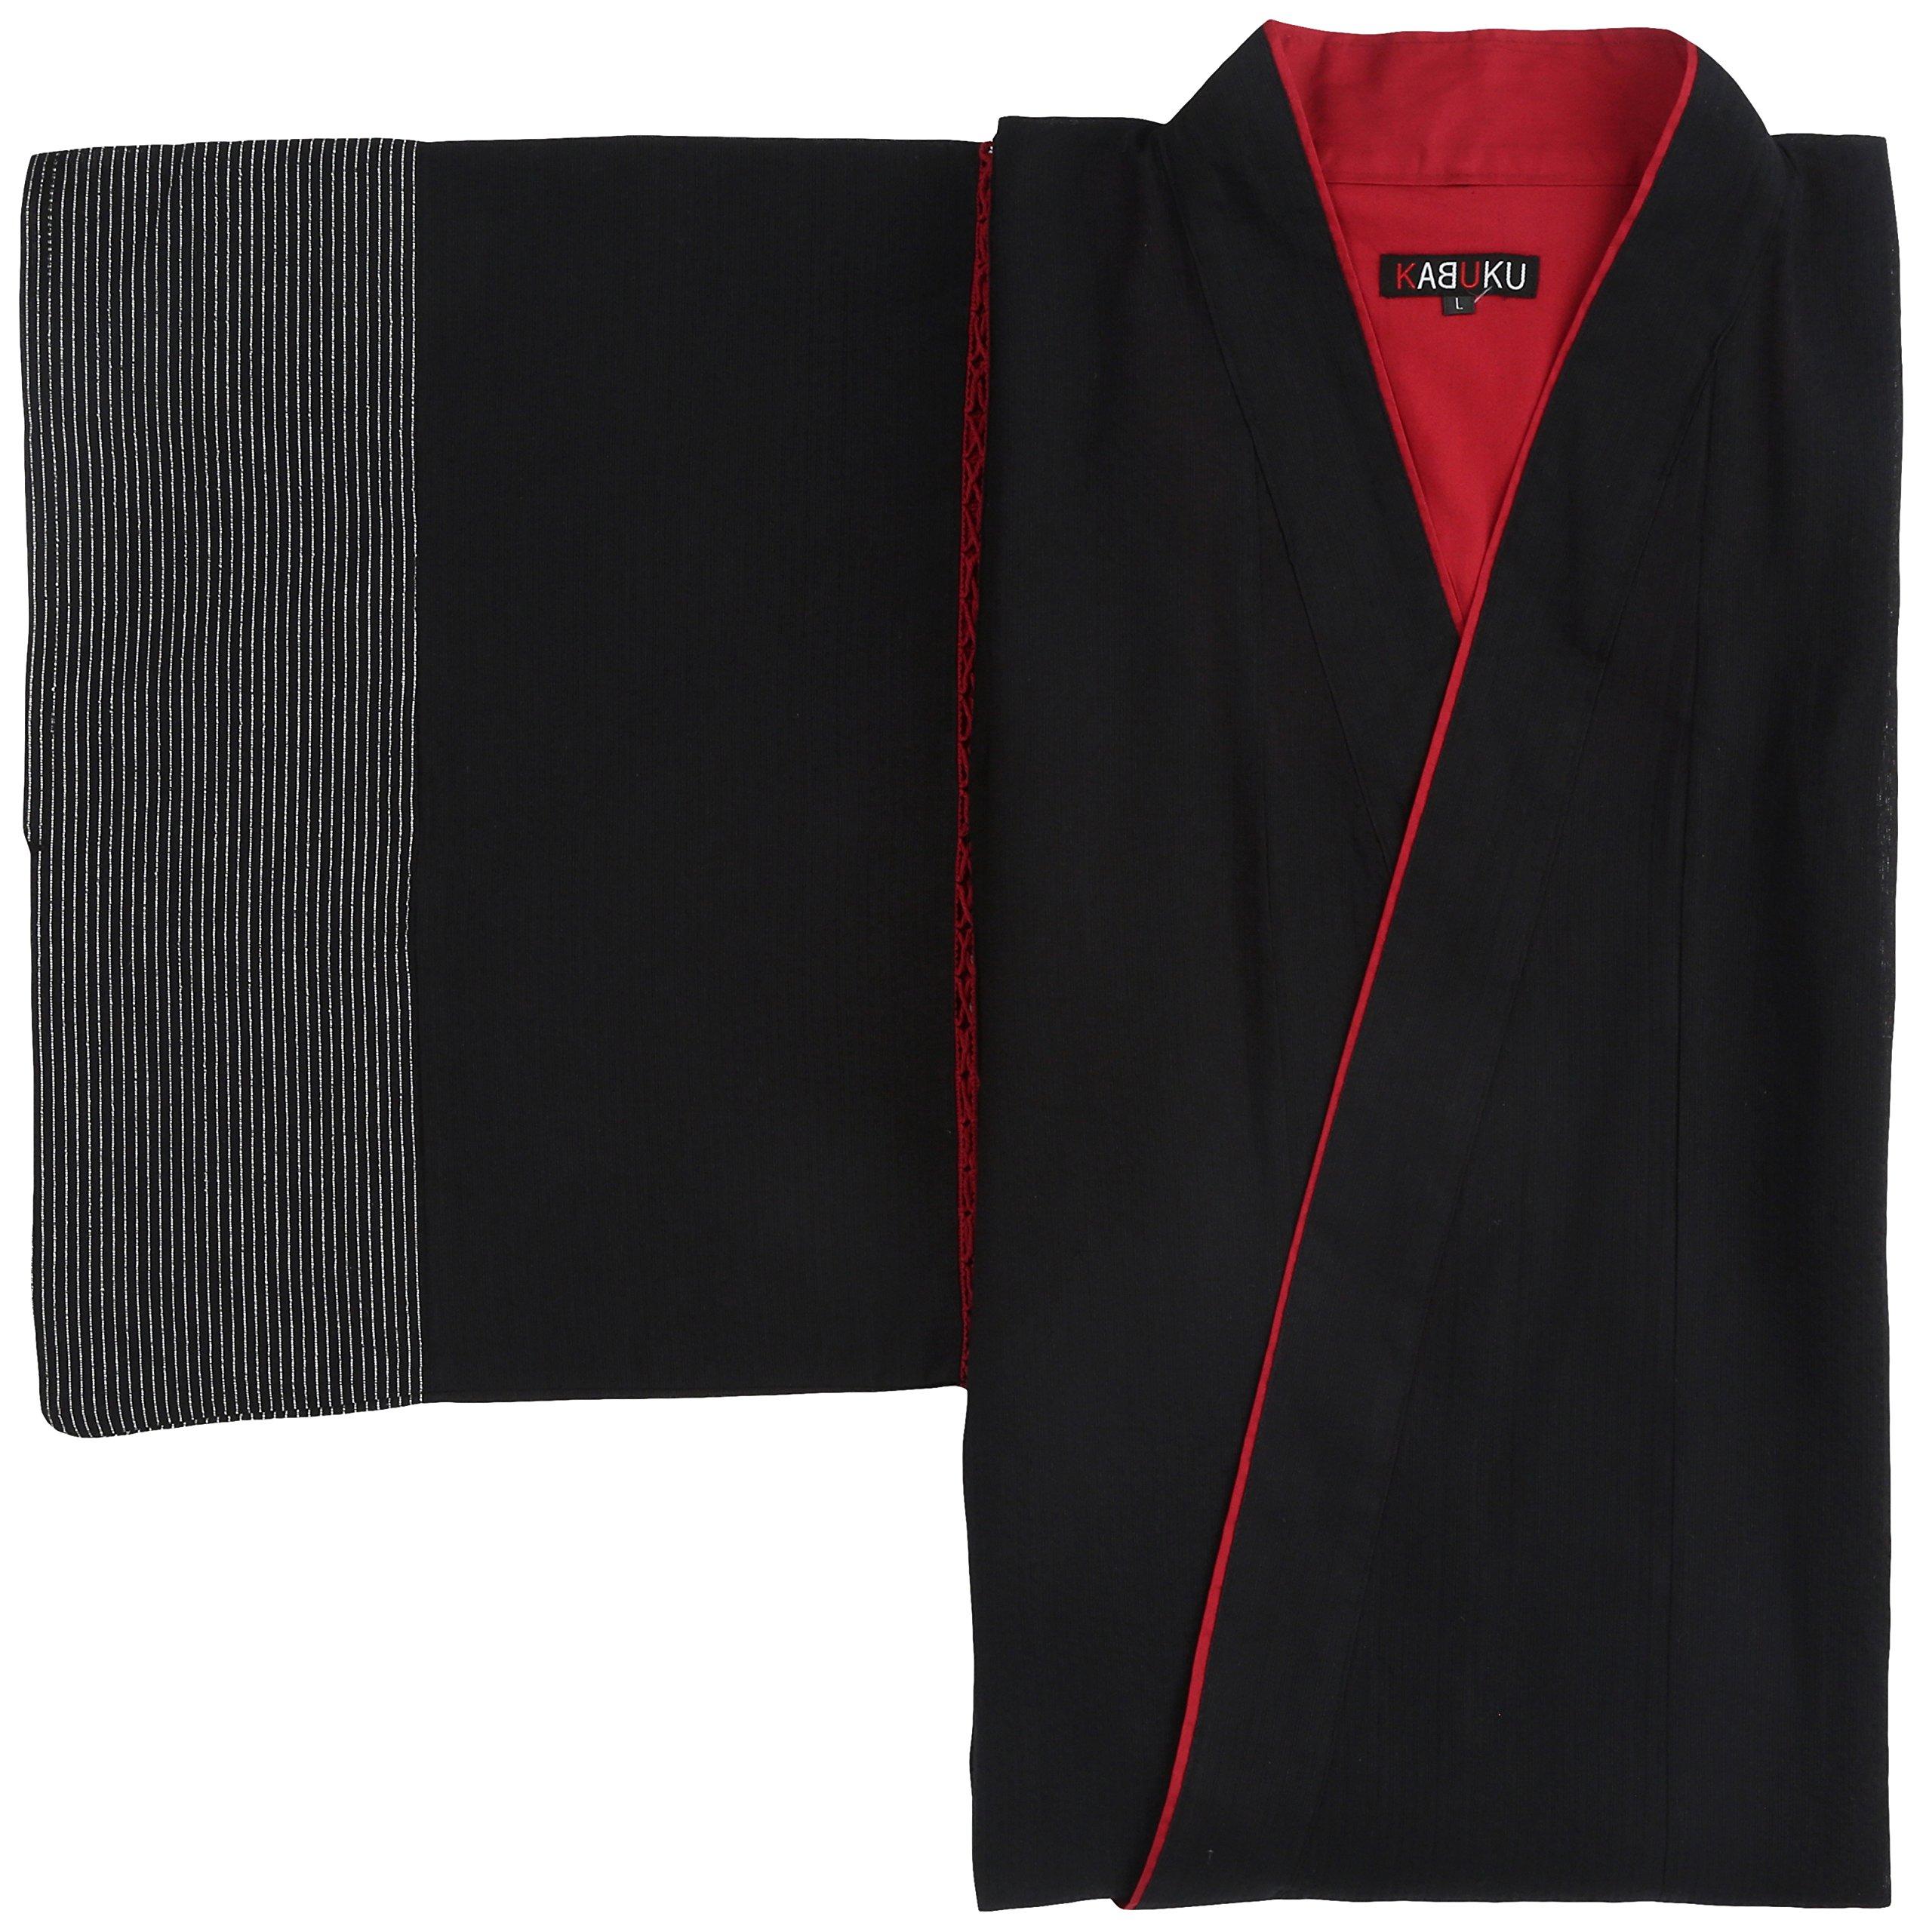 (カブク)KABUKU メンズ浴衣 桜吹雪柄 KBK-0013  Black×White Lサイズ L